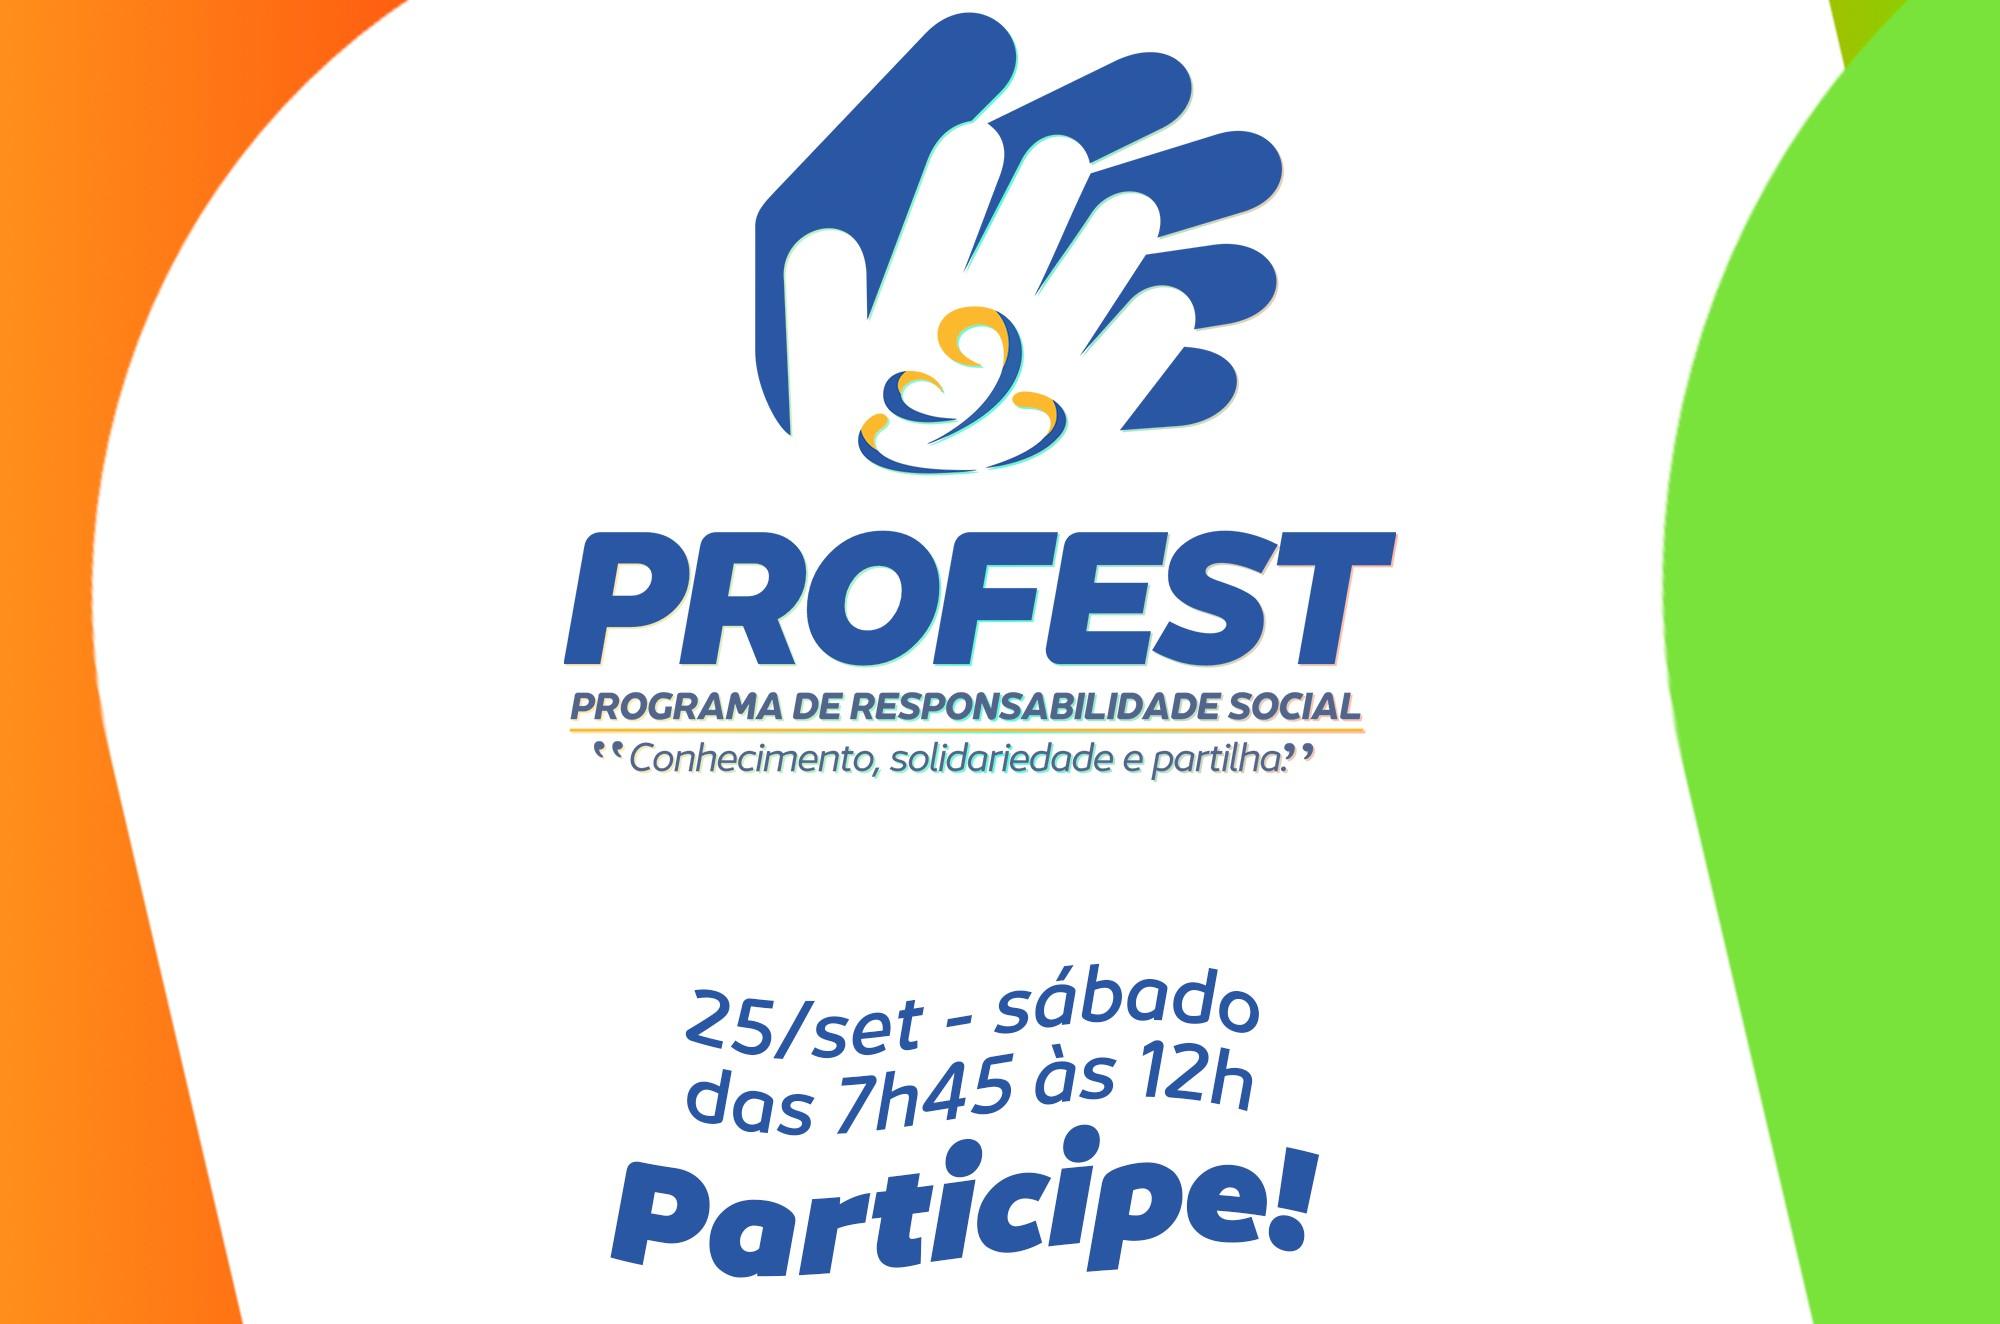 Ação de Responsabilidade Social acontecerá na Fest aberto ao público